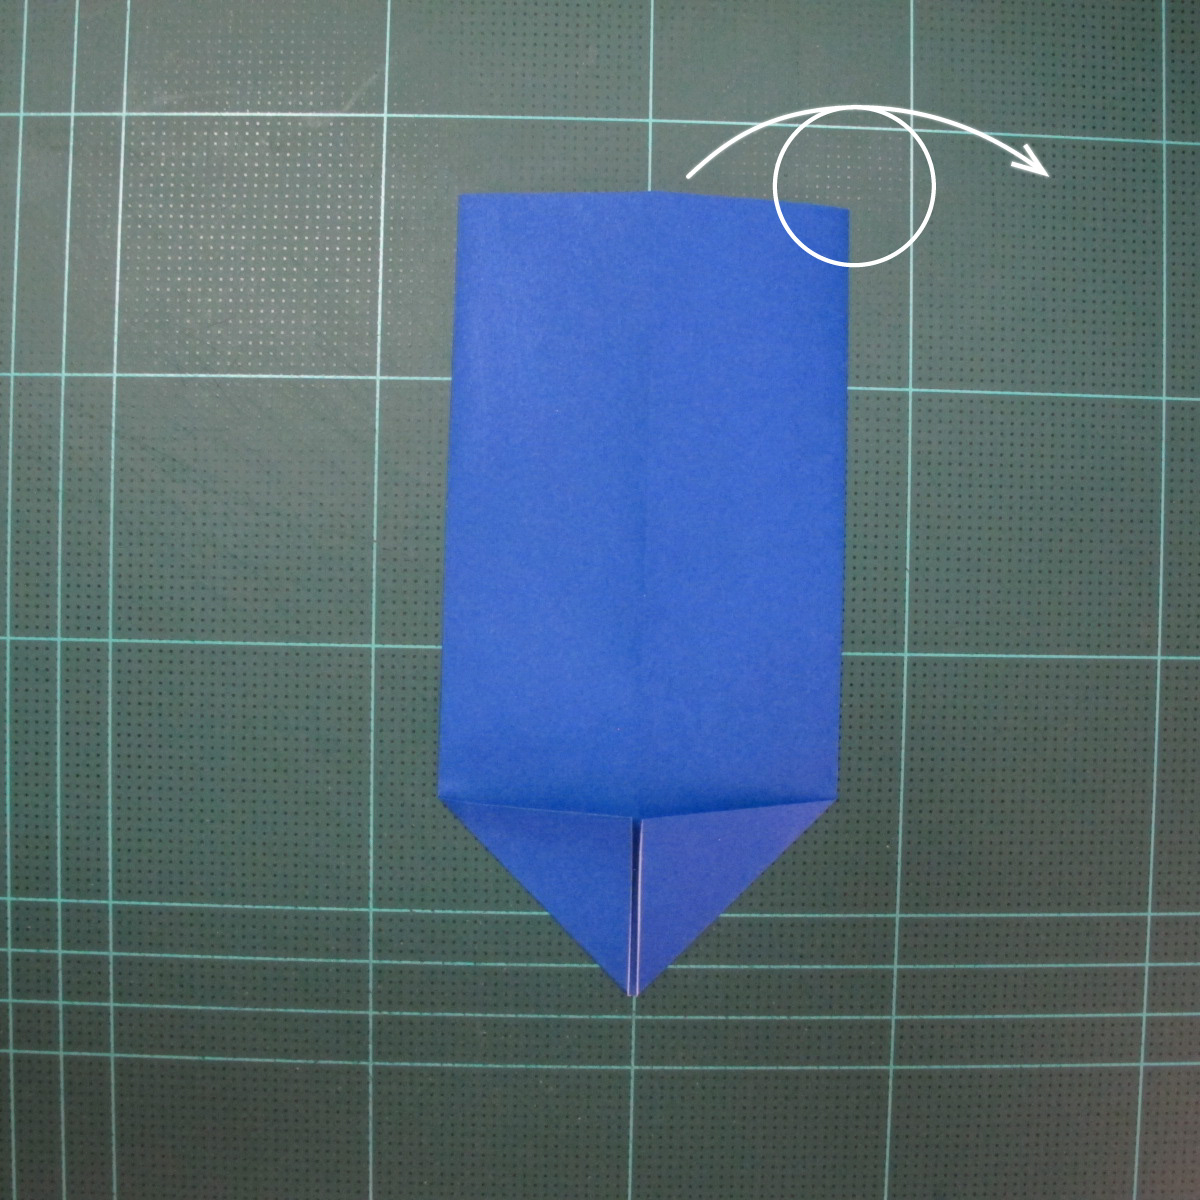 วิธีการพับกระดาษเป็นรูปกระต่าย แบบของเอ็ดวิน คอรี่ (Origami Rabbit)  004